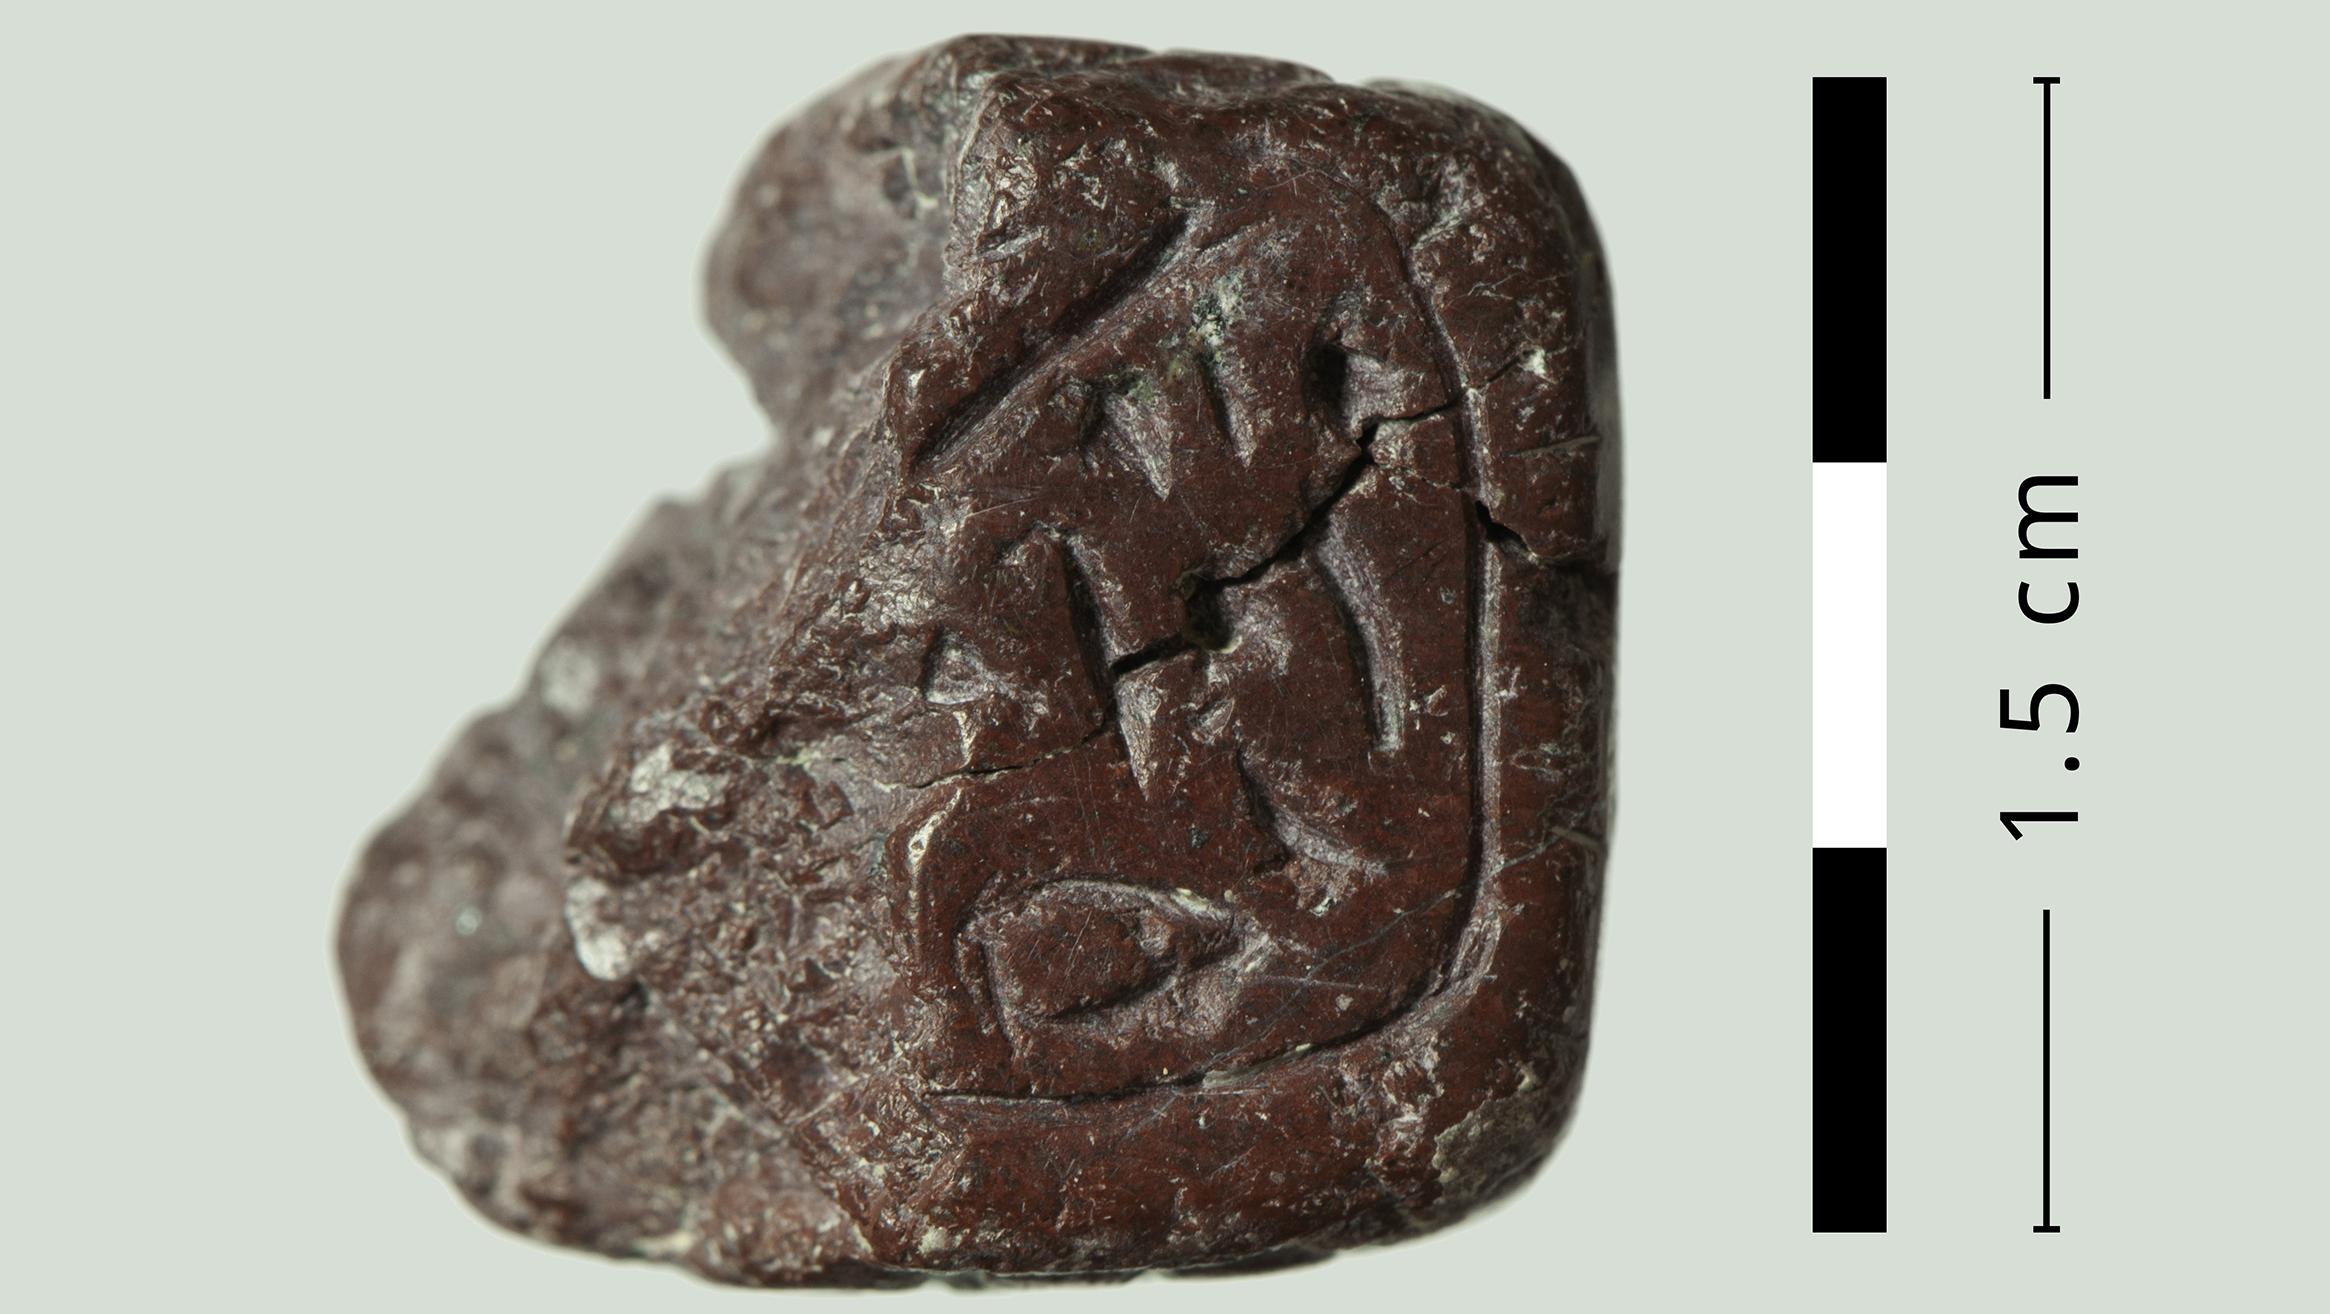 Stempelsiegel mit Inschriften. © Institut für Archäologische Wissenschaften der Universität Bern, Projekt Sirkeli Höyük